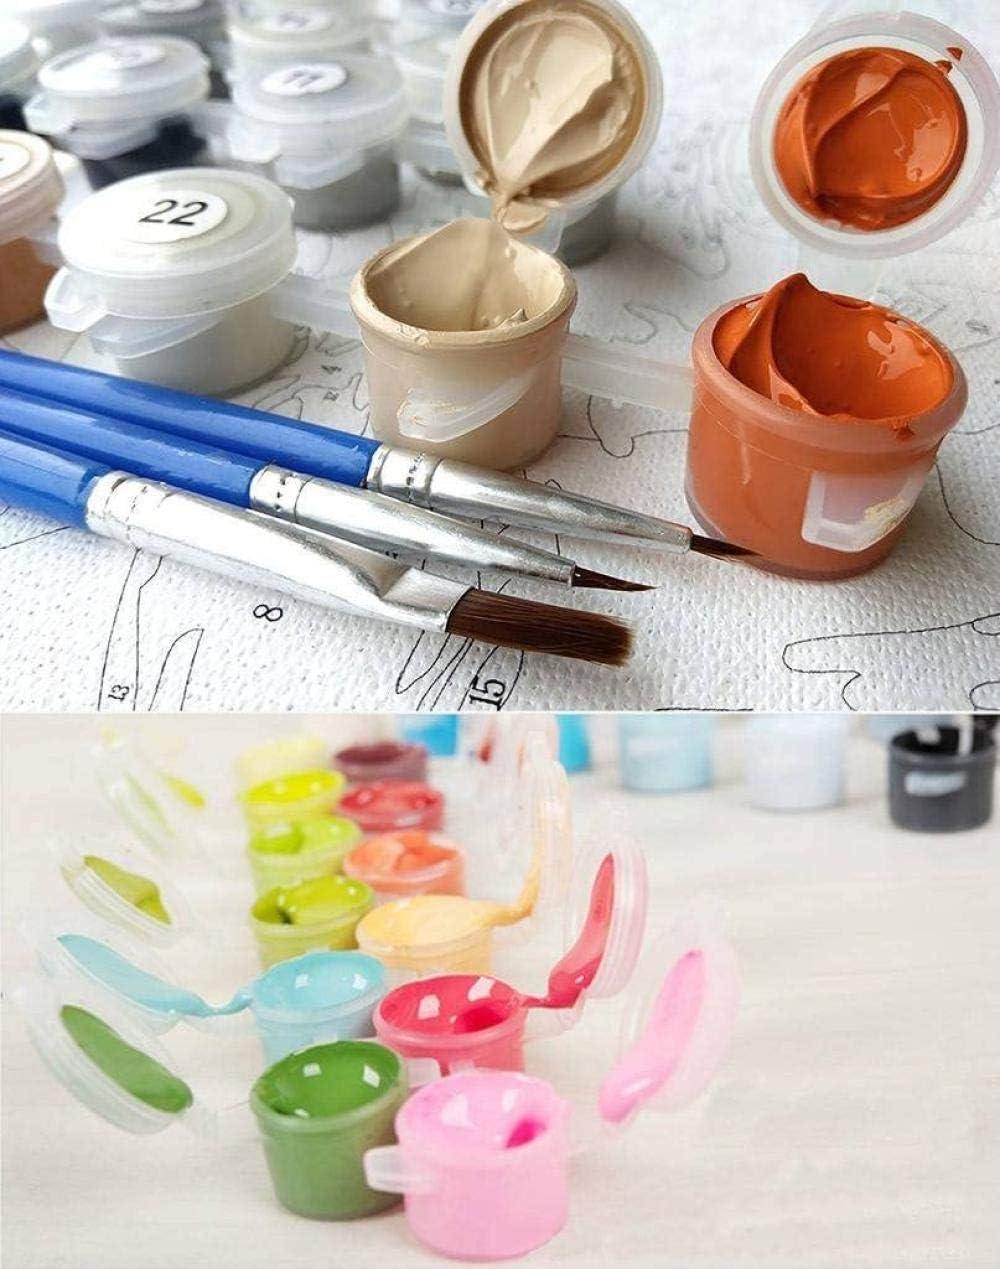 Iejsgfj Dipingere con i Numeri Aereo Pittura a Olio di DIY Dipingi per Il Kit di Numero Senza Telaio per Adulti Bambini Principianti Parete Decorazioni per la casa